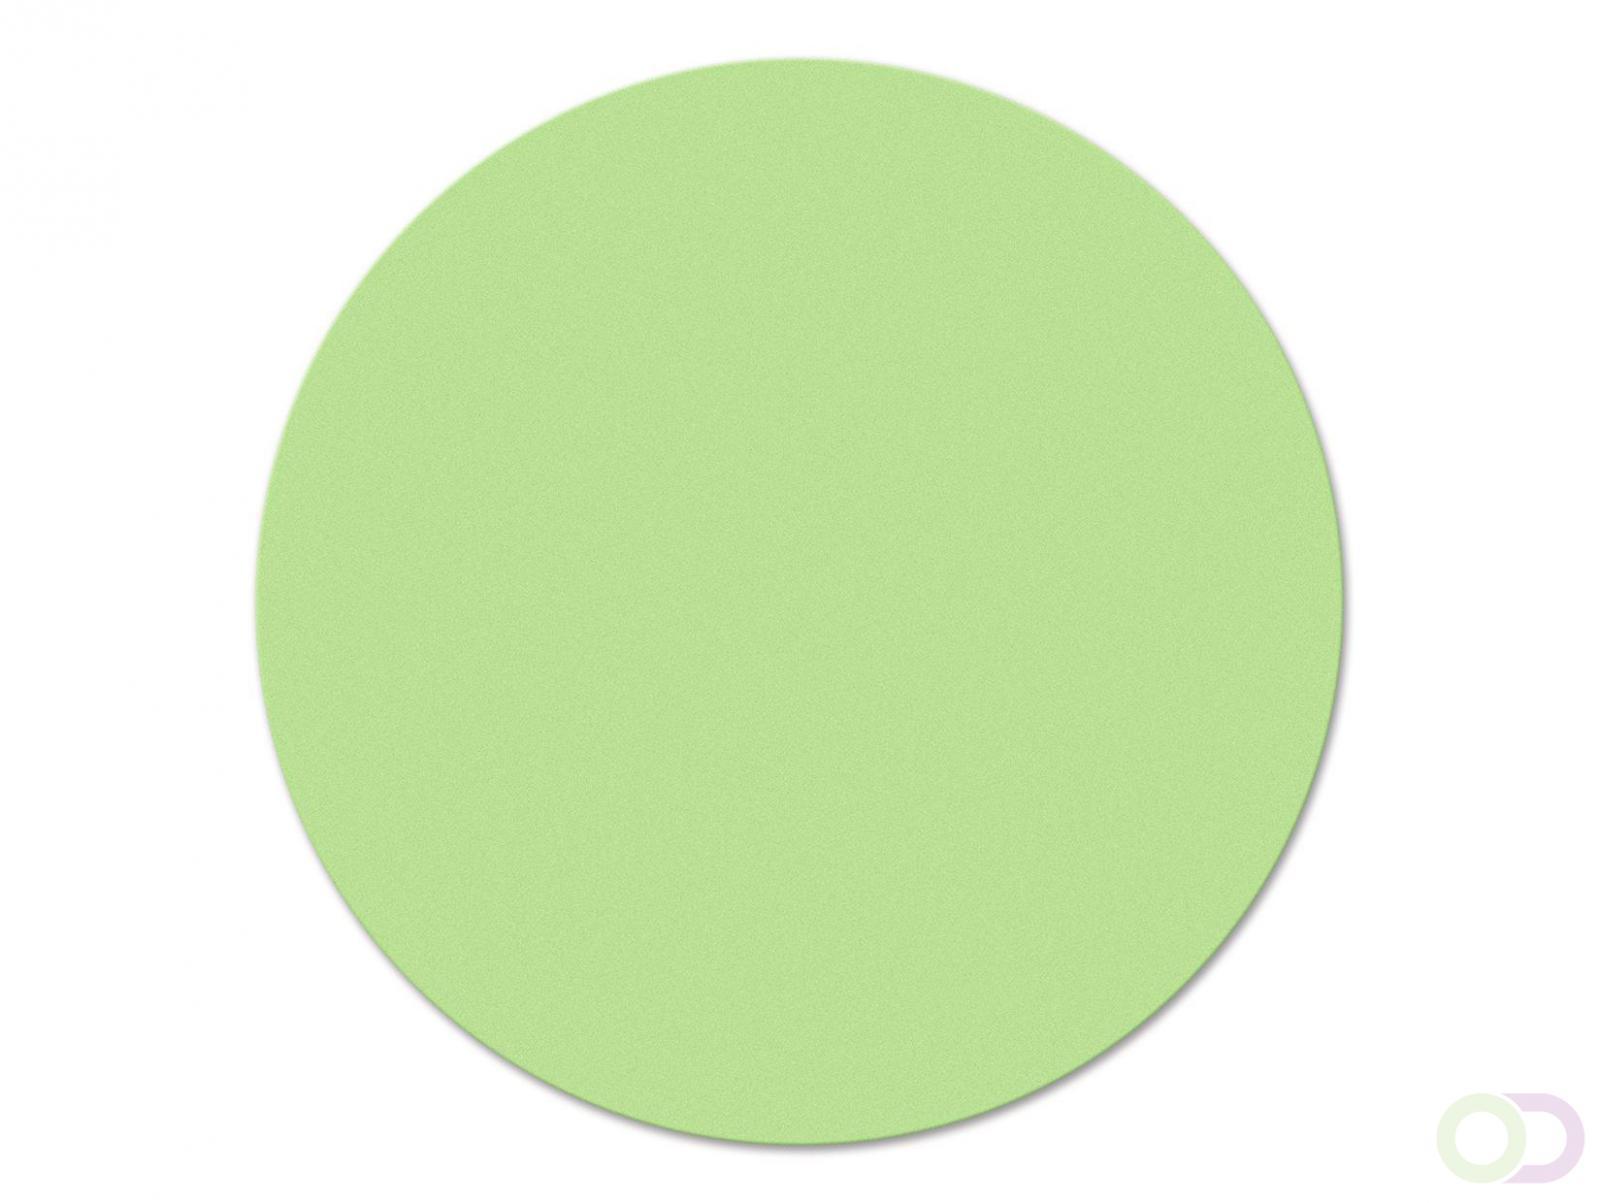 Ronde kaarten 19 cm, 500 stuks groen